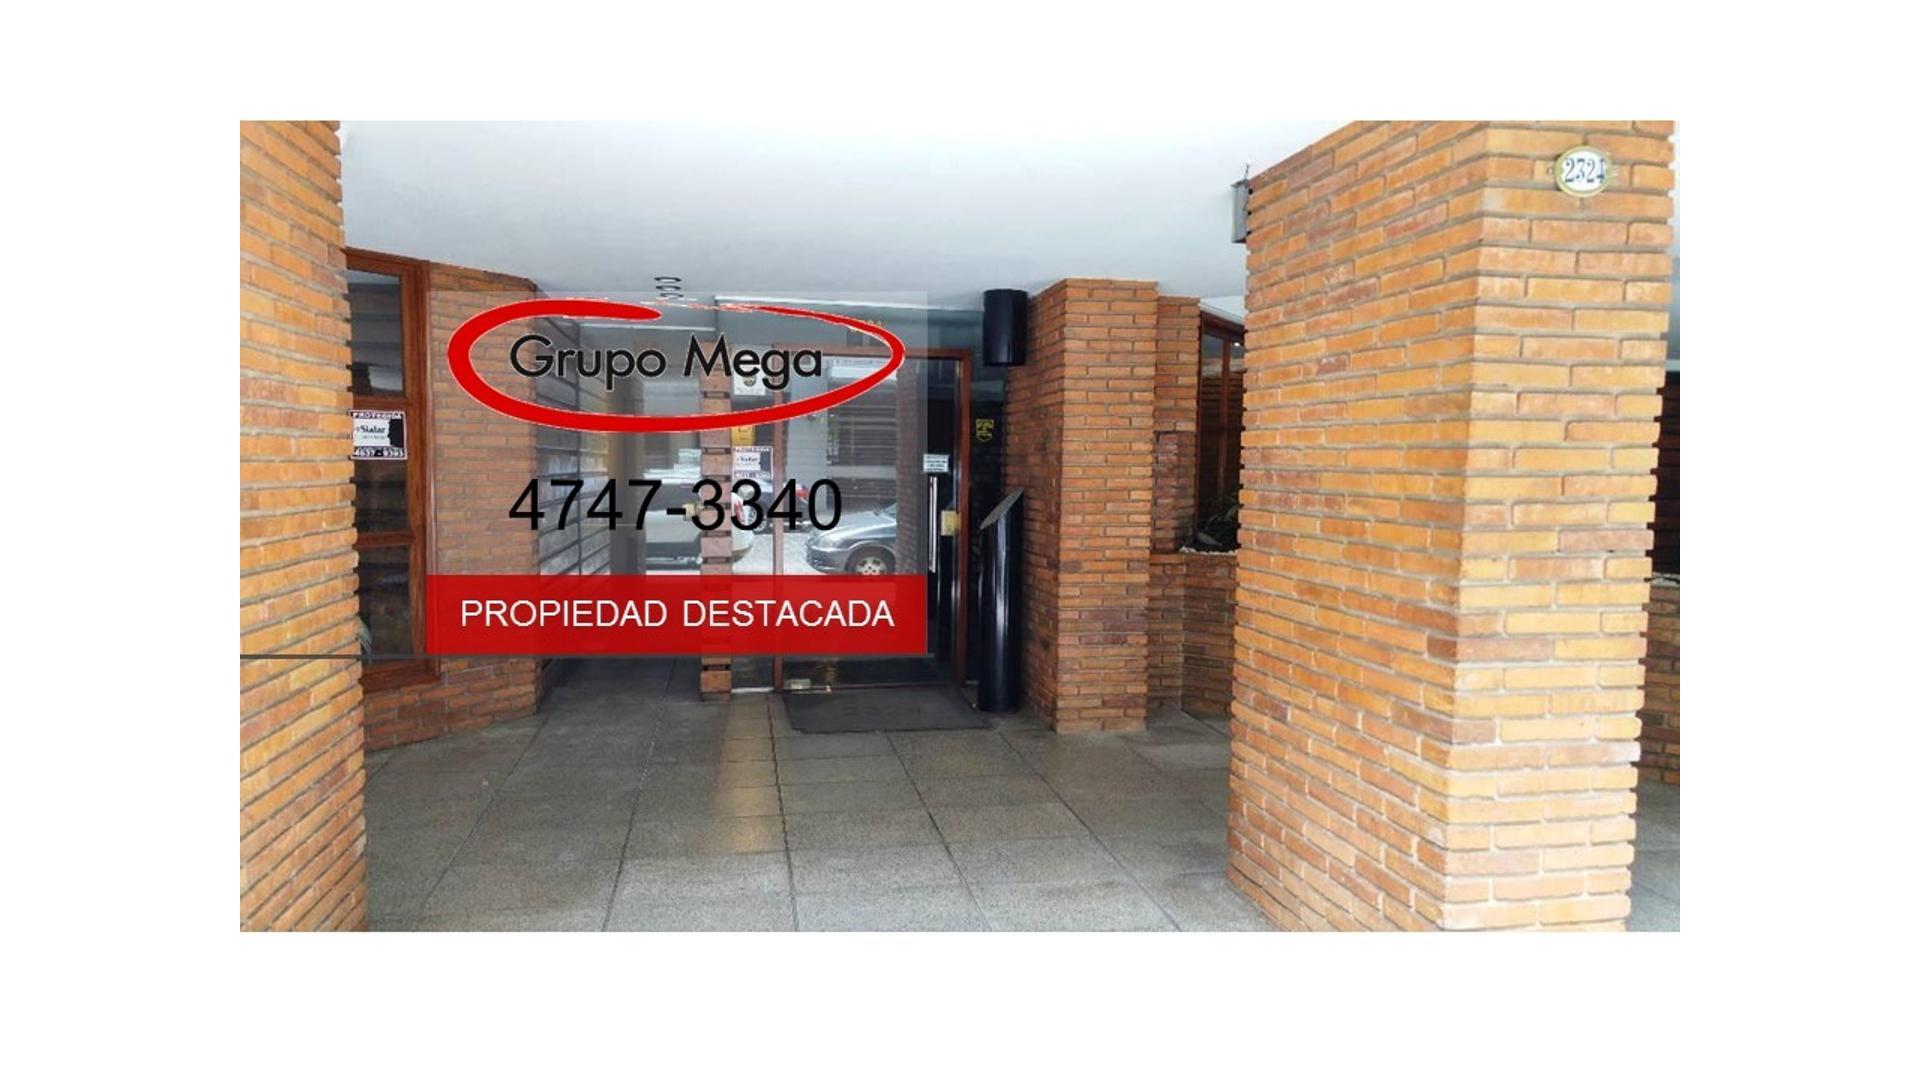 EXCELENTE PISO 5 AMB C/BALCÓN, PATIO, COCHERA, SEGURIDAD